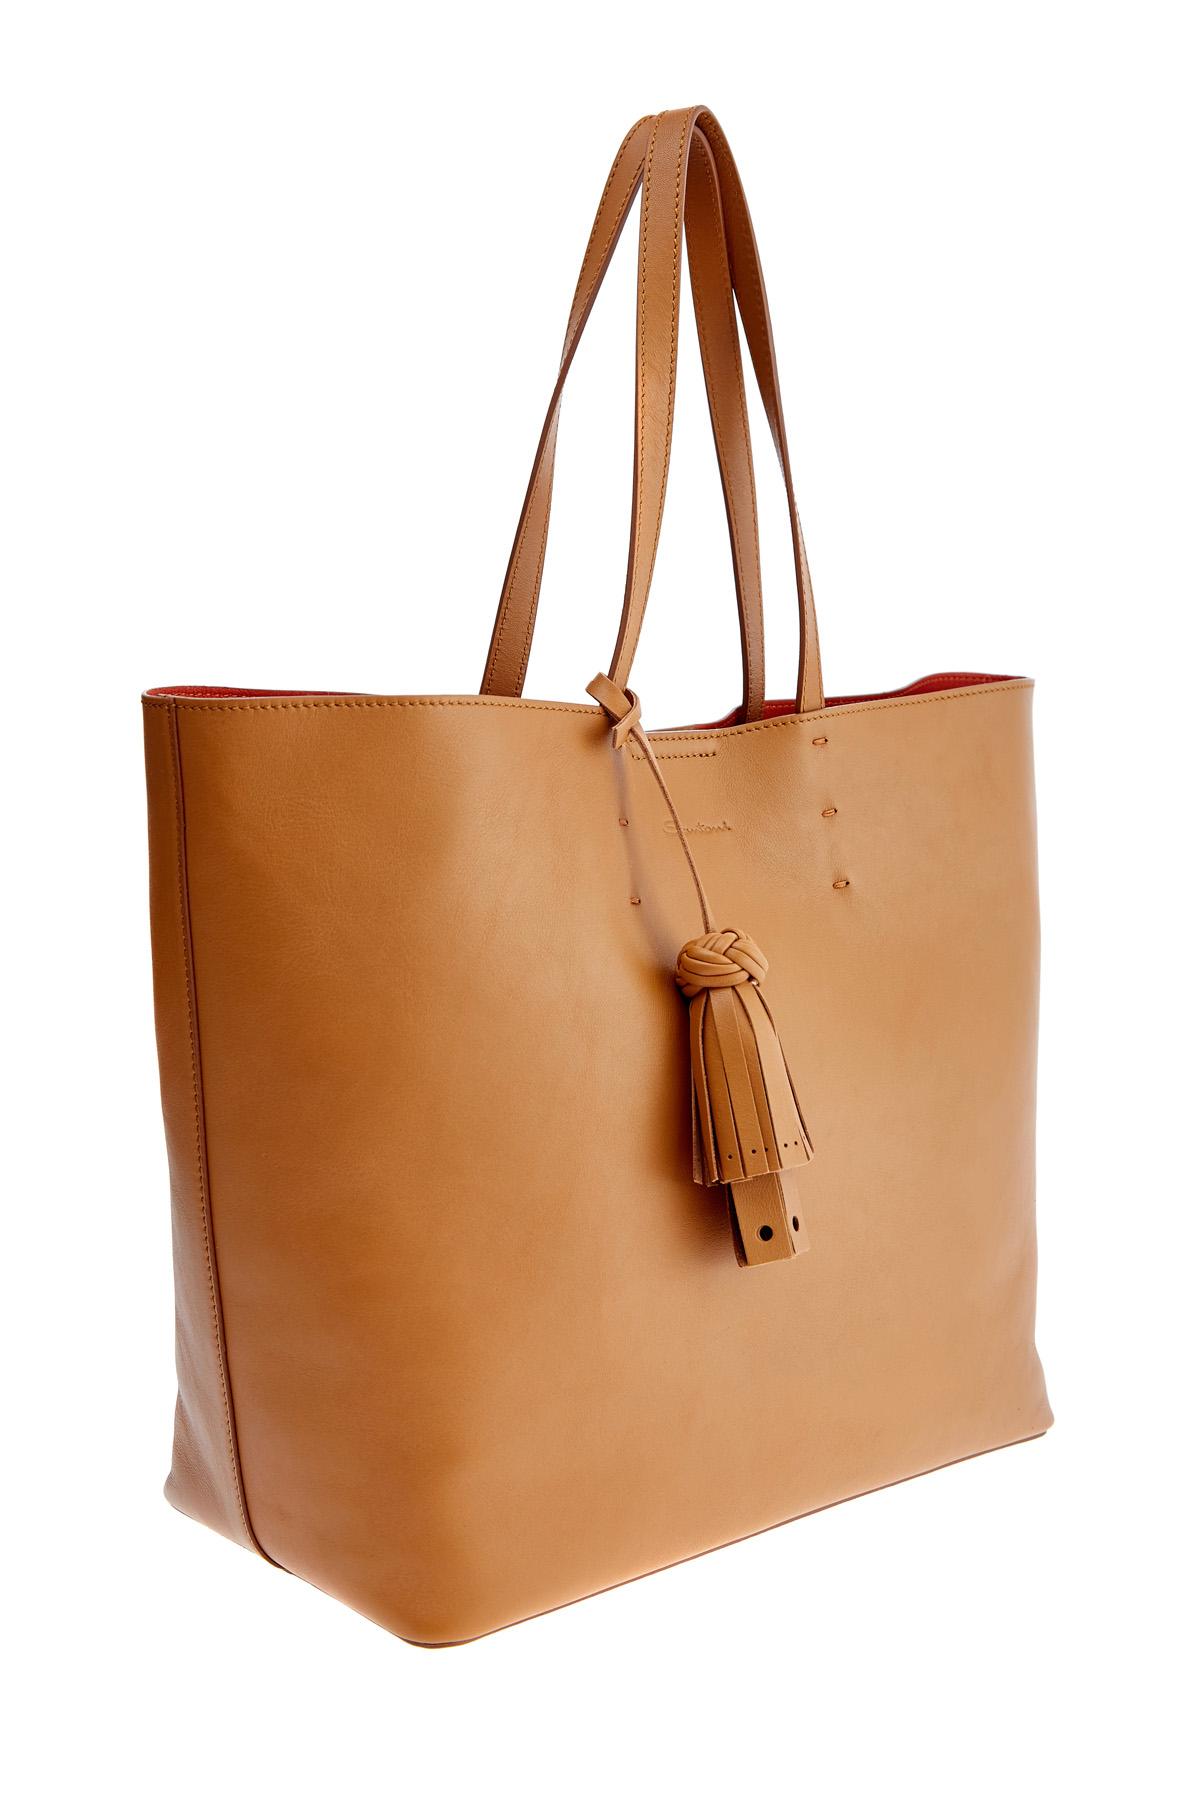 Вместительная сумка-тоут из матовой гладкой кожи с брелоком-кистью SANTONI 1822ba c70 Фото 3